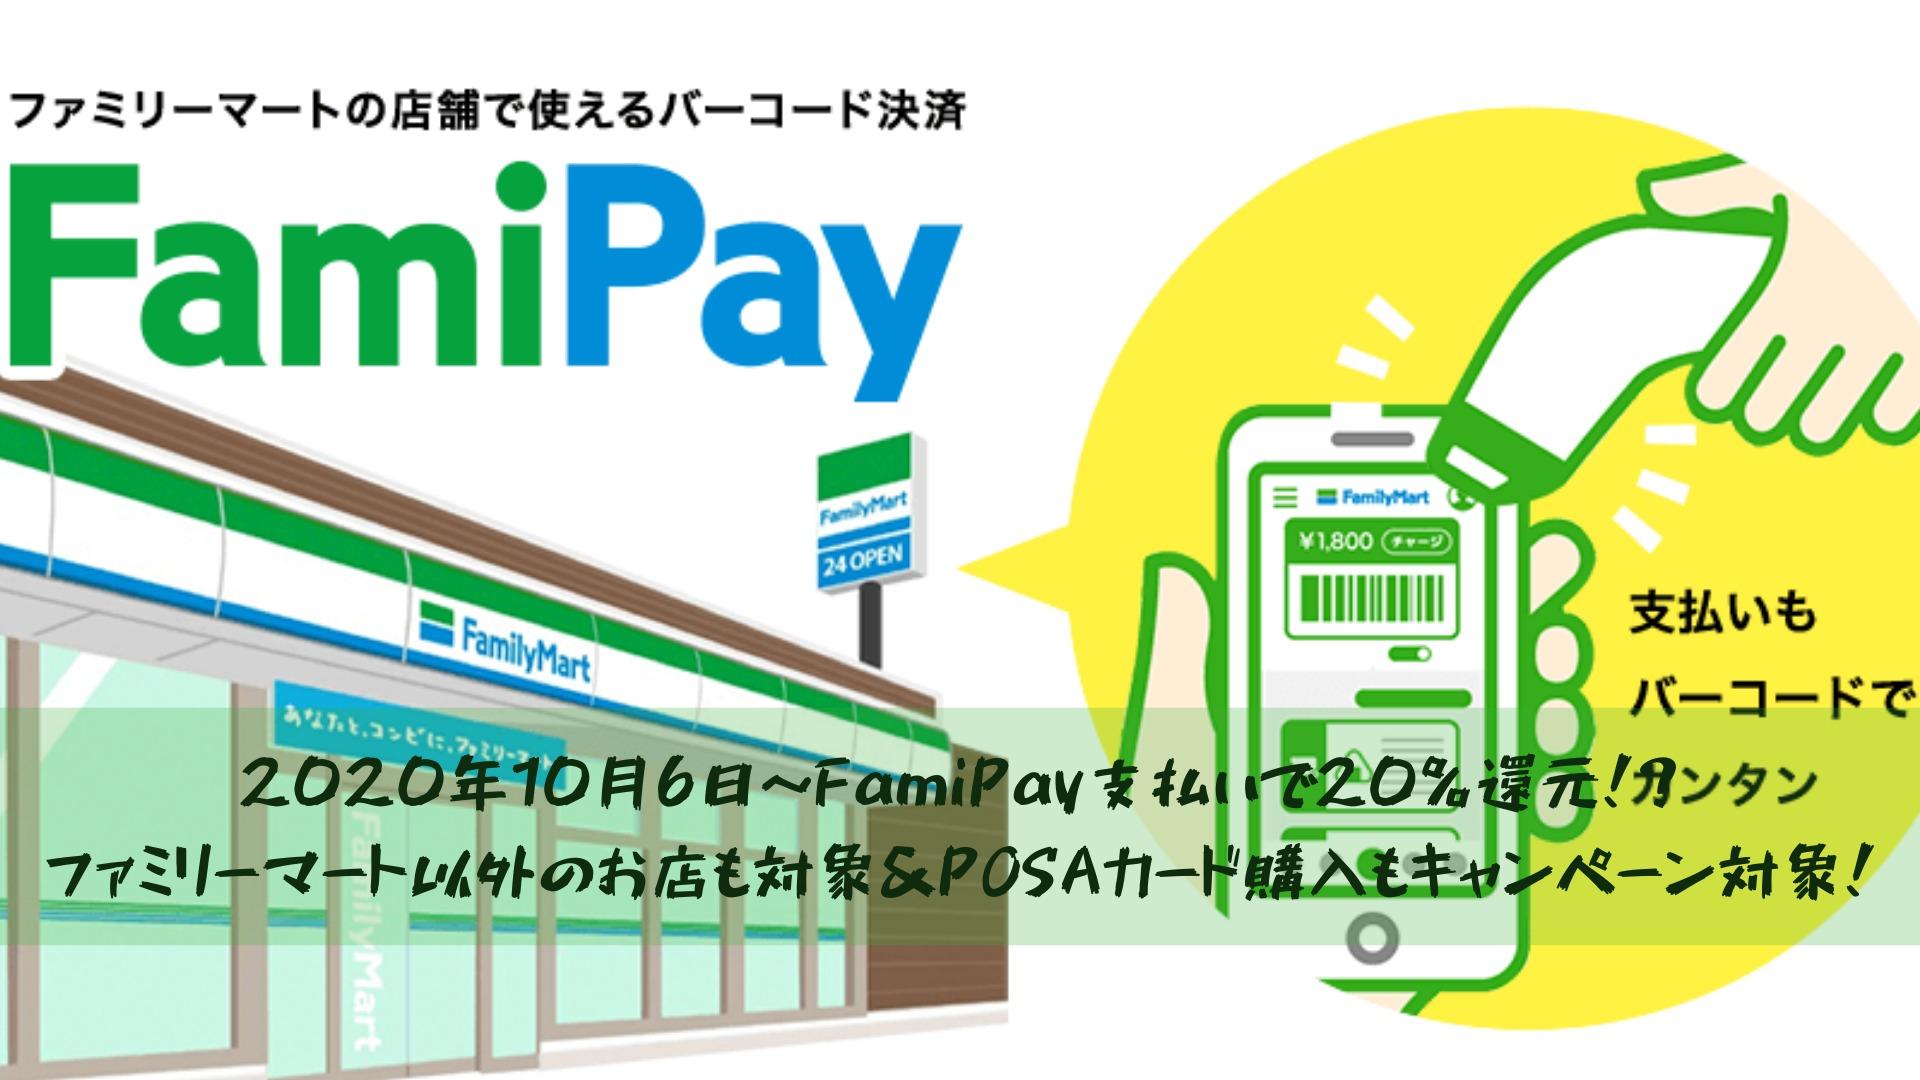 2020年10月6日~FamiPay支払いで20%還元!?ファミリーマート以外のお店も対象&POSAカード購入もキャンペーン対象!